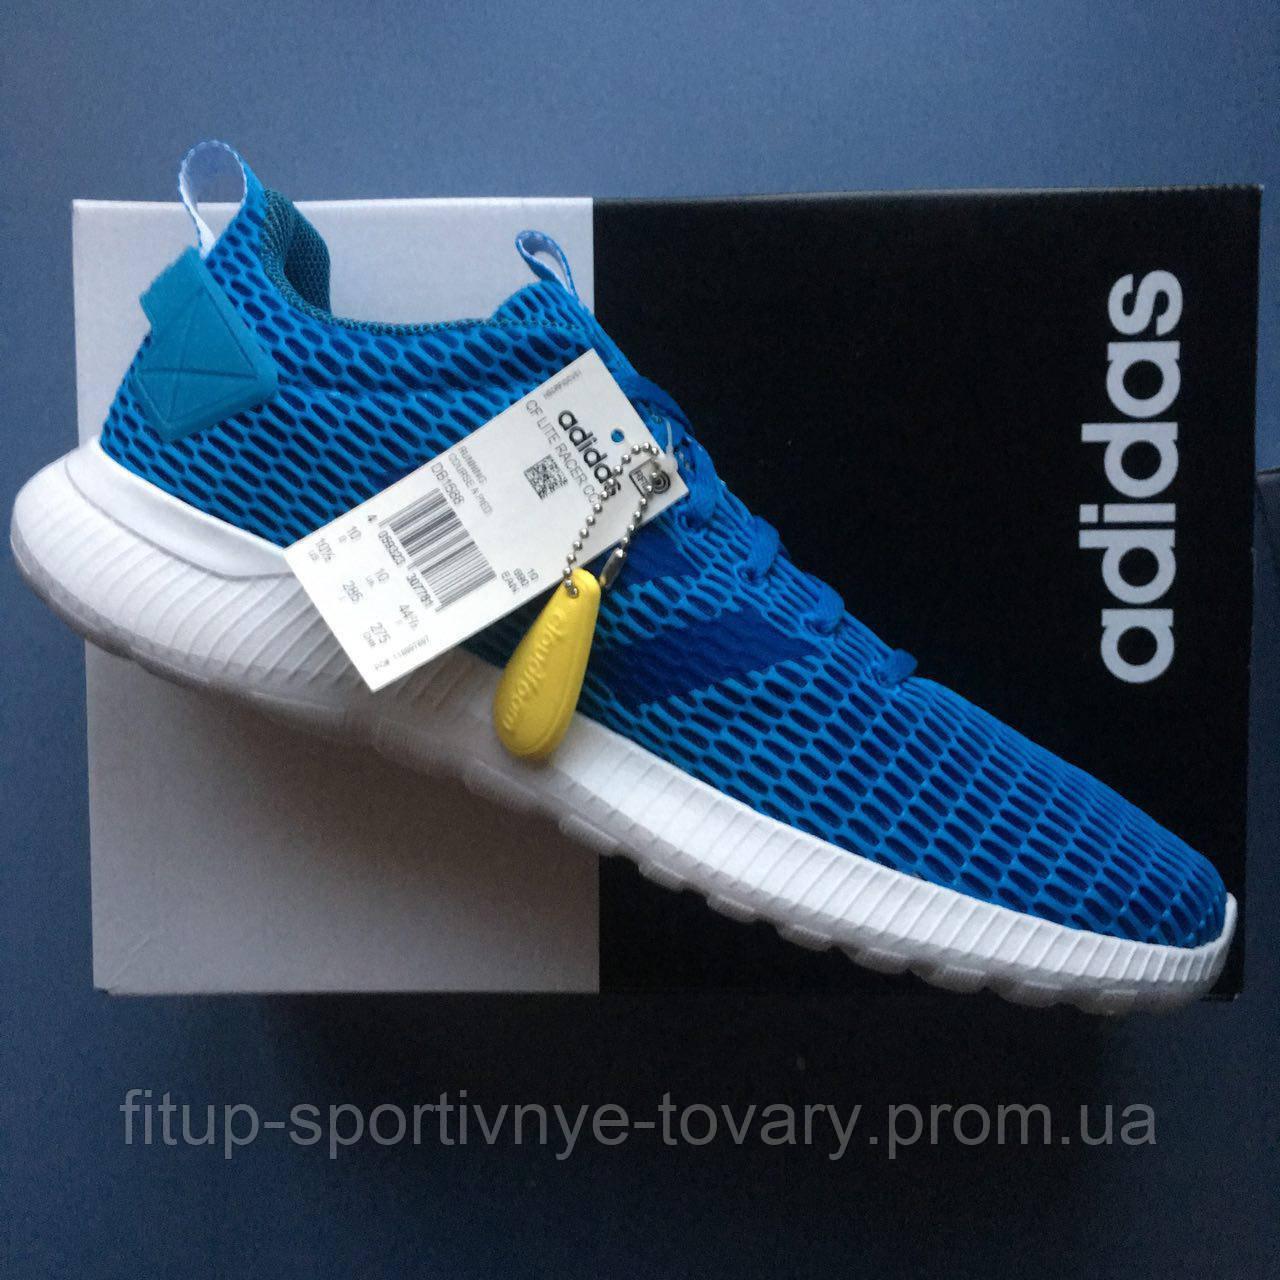 online store 619a6 367e0 Кроссовки мужские Adidas CF LITE RACER CC DB1588